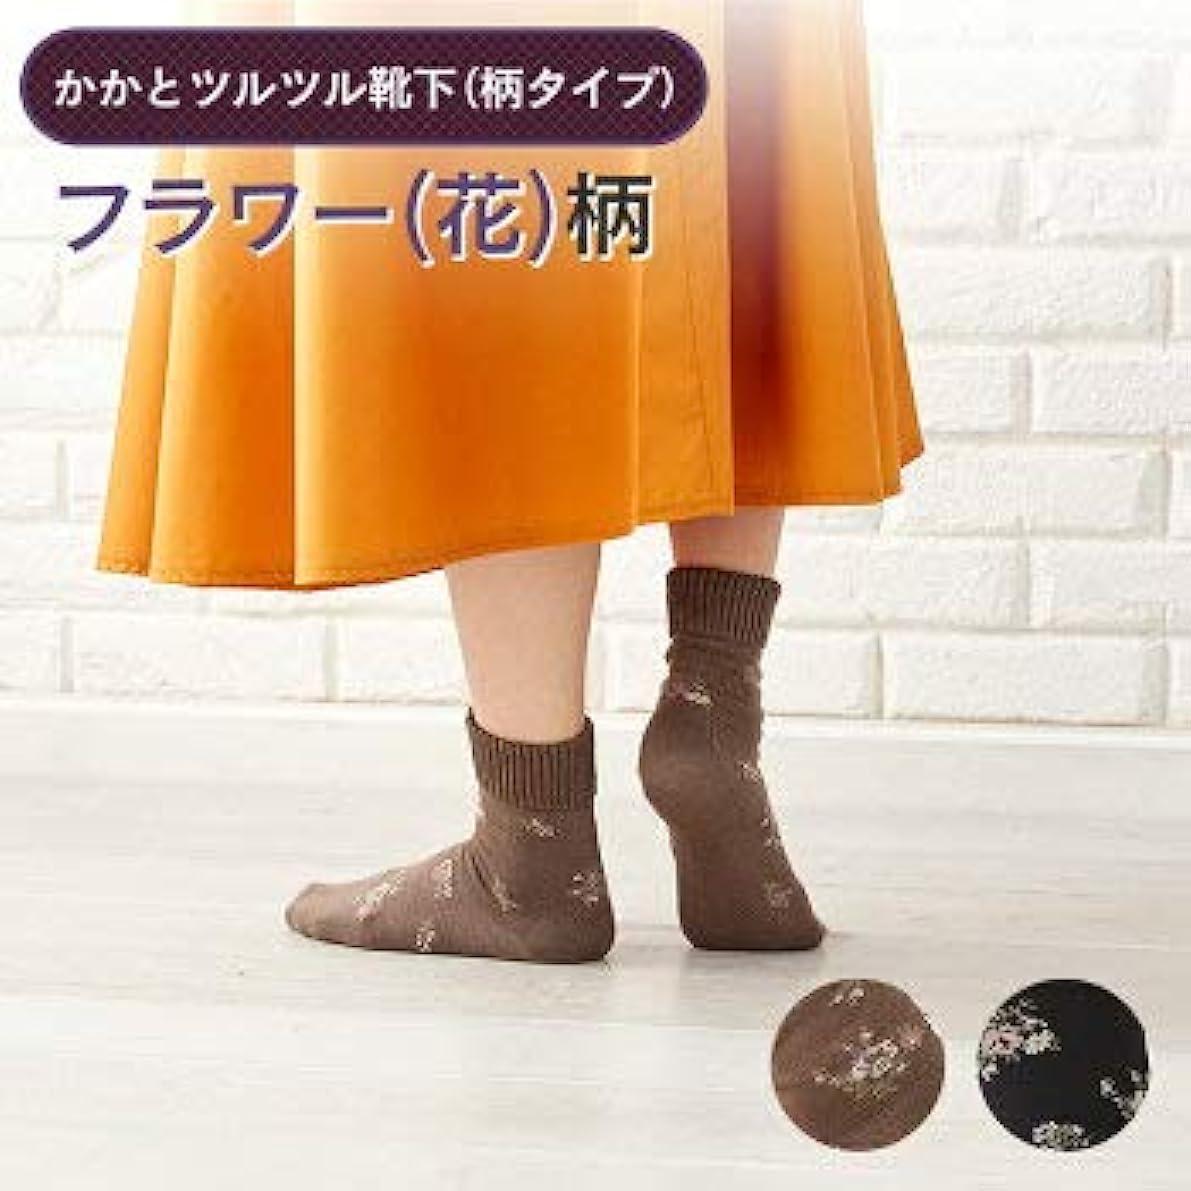 不機嫌そうな病な小数かかと 角質ケア ひび割れ対策 かかとツルツル靴下 花柄 黒 23-25cm 太陽ニット 744